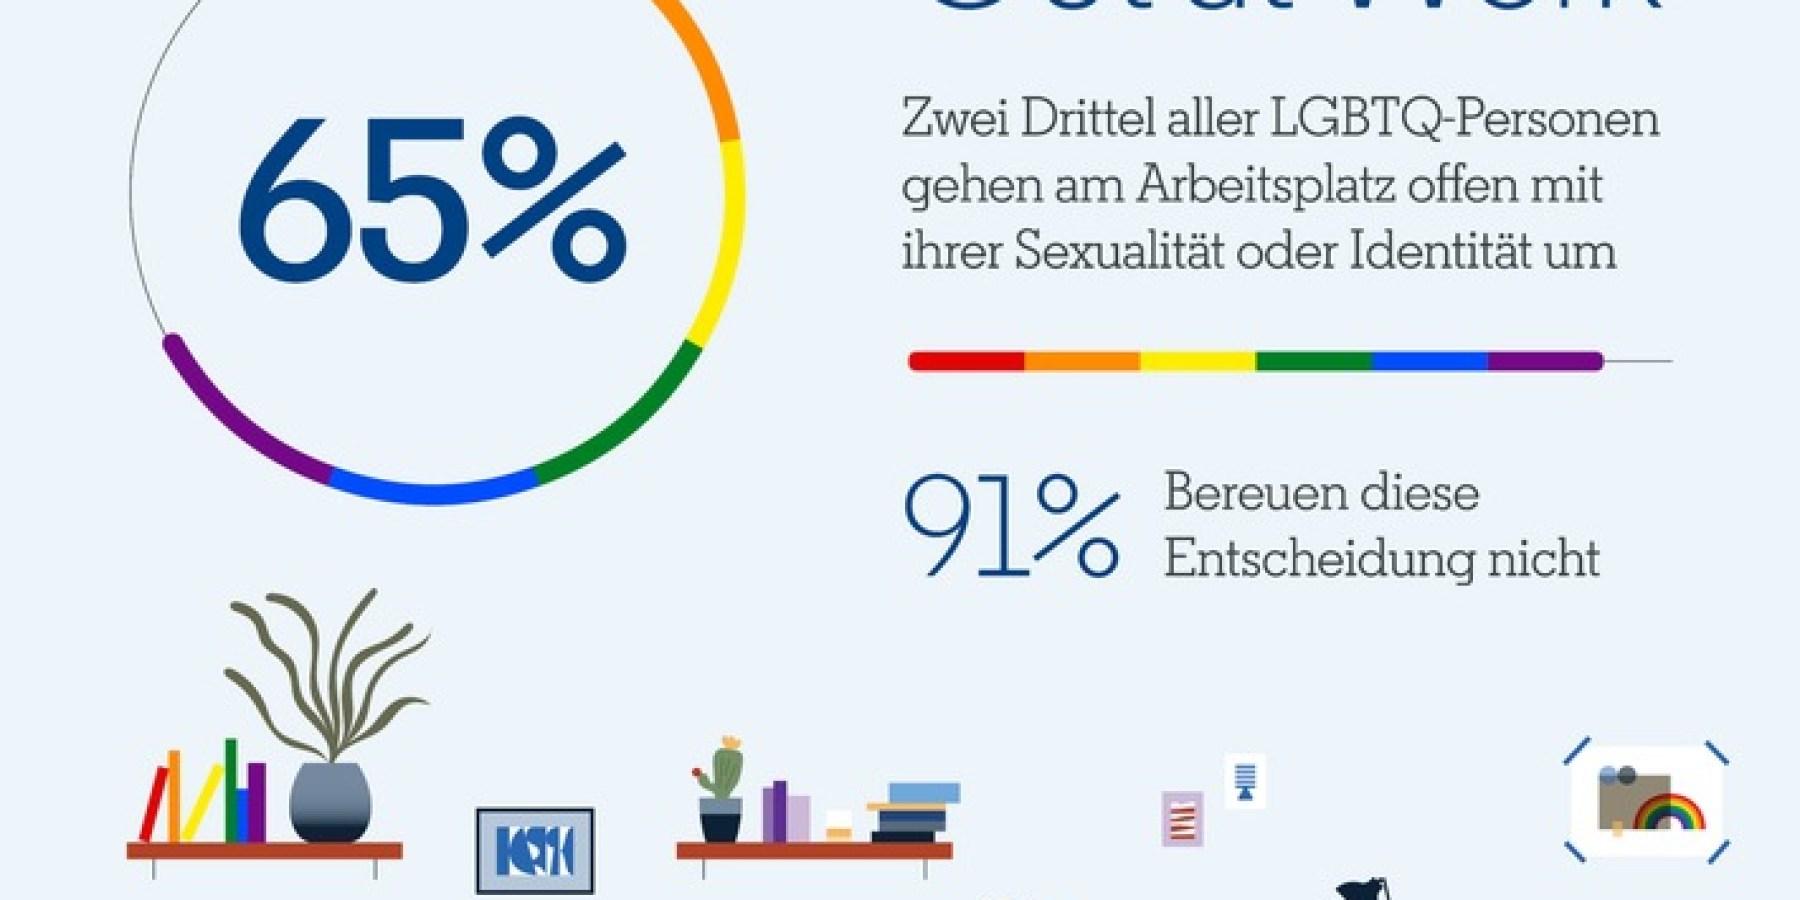 LGBTQ-Community stellt deutschen Arbeitgebern positives Zeugnis aus